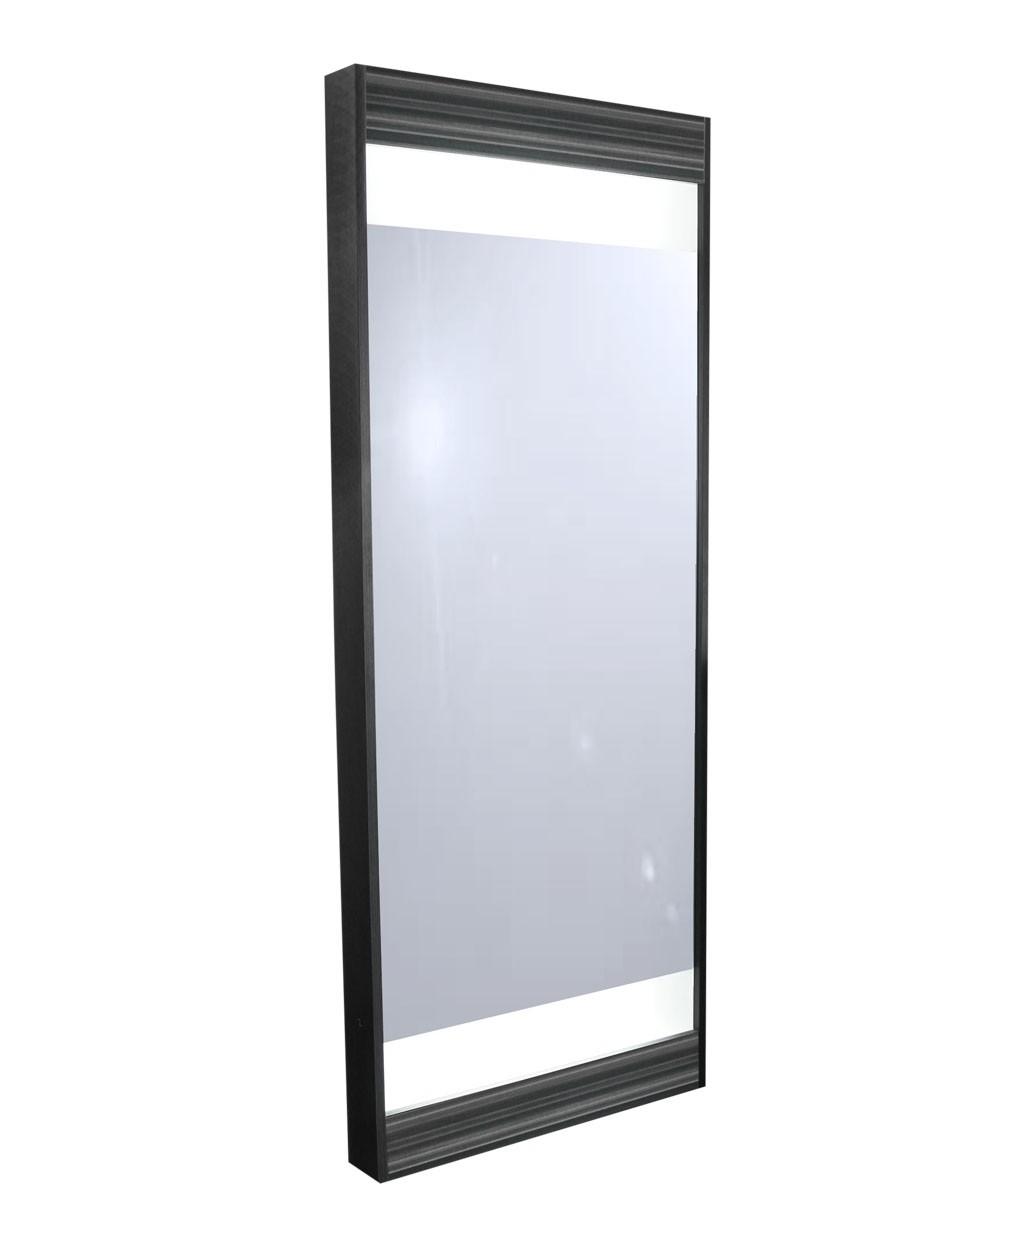 collins 6621 edge full length framed mirror w lights. Black Bedroom Furniture Sets. Home Design Ideas